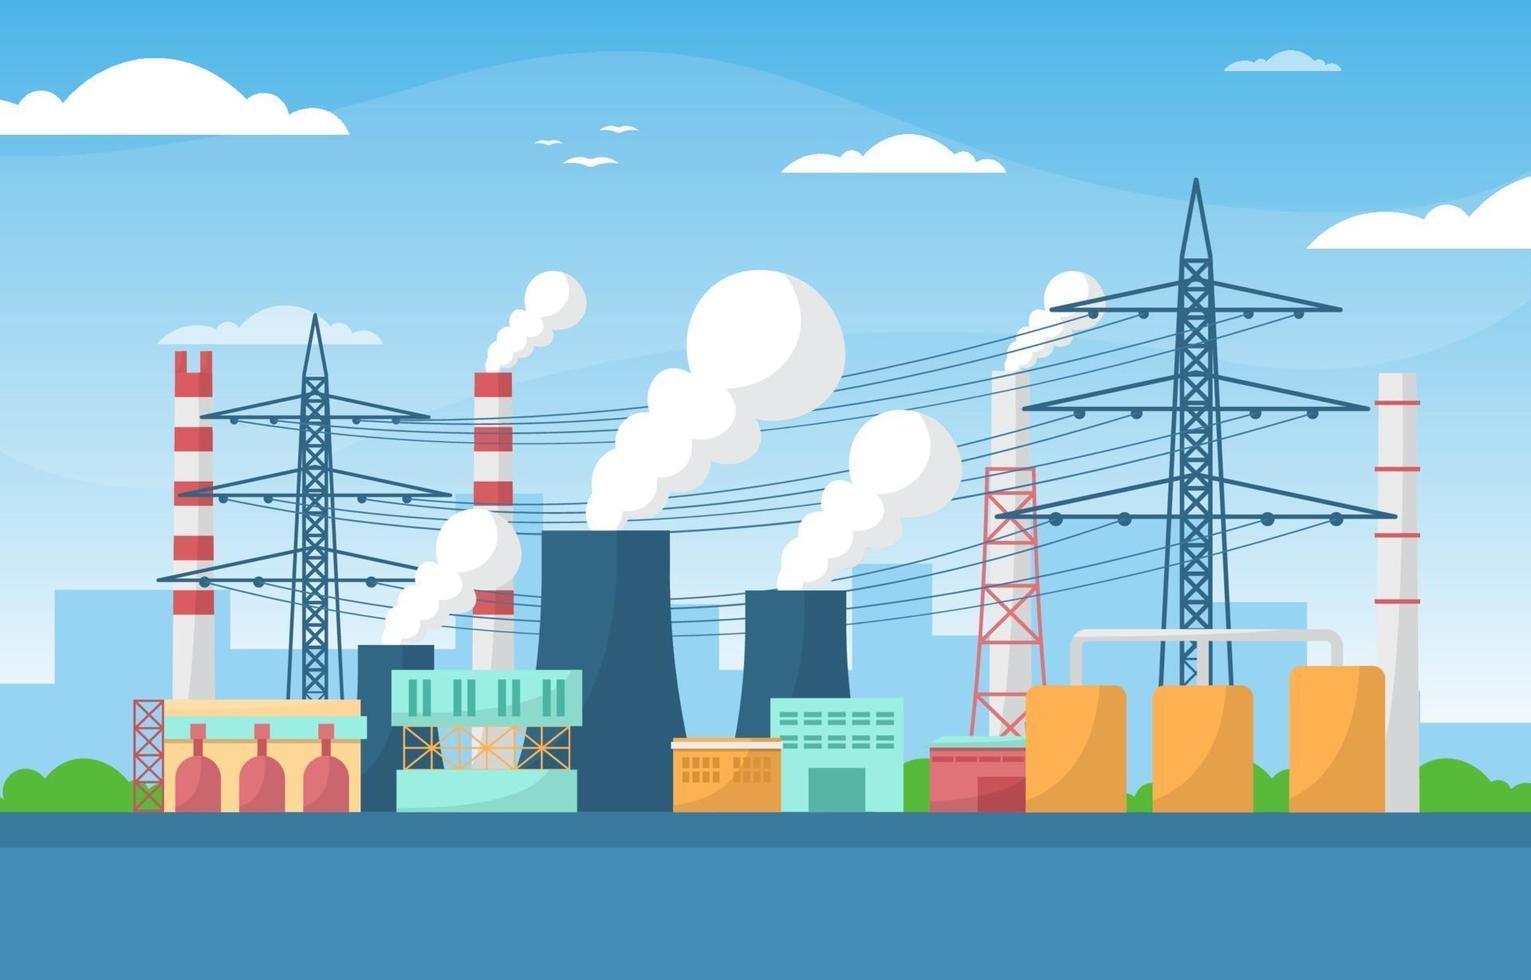 Tình hình bất động sản công nghiệp tại Việt Nam năm 2021